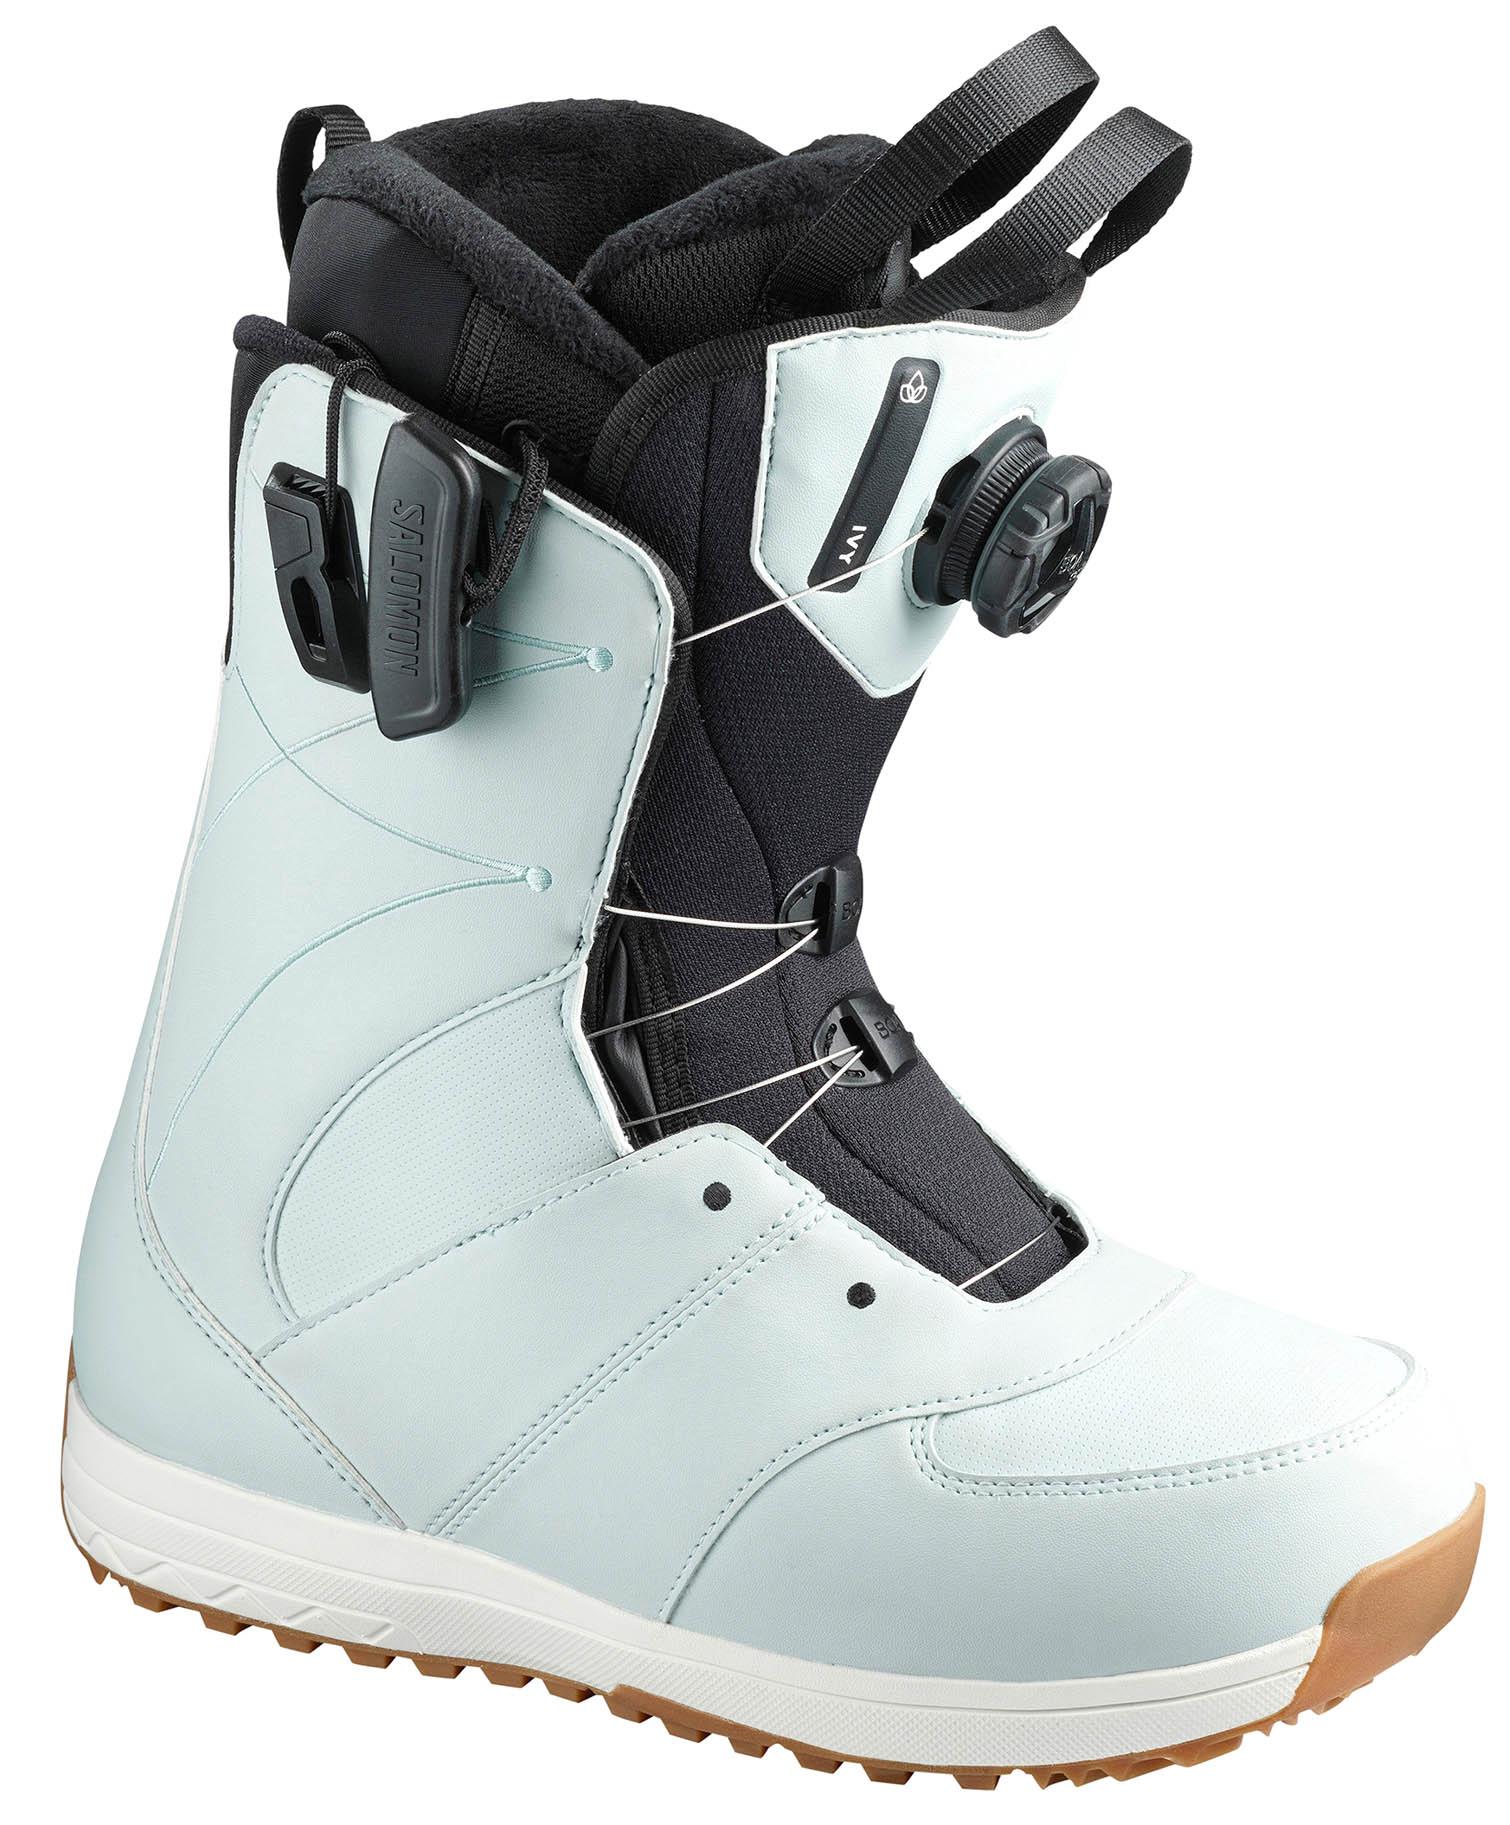 Buty snowboardowe SALOMON SCARLET r 23,5 (38) NOWE